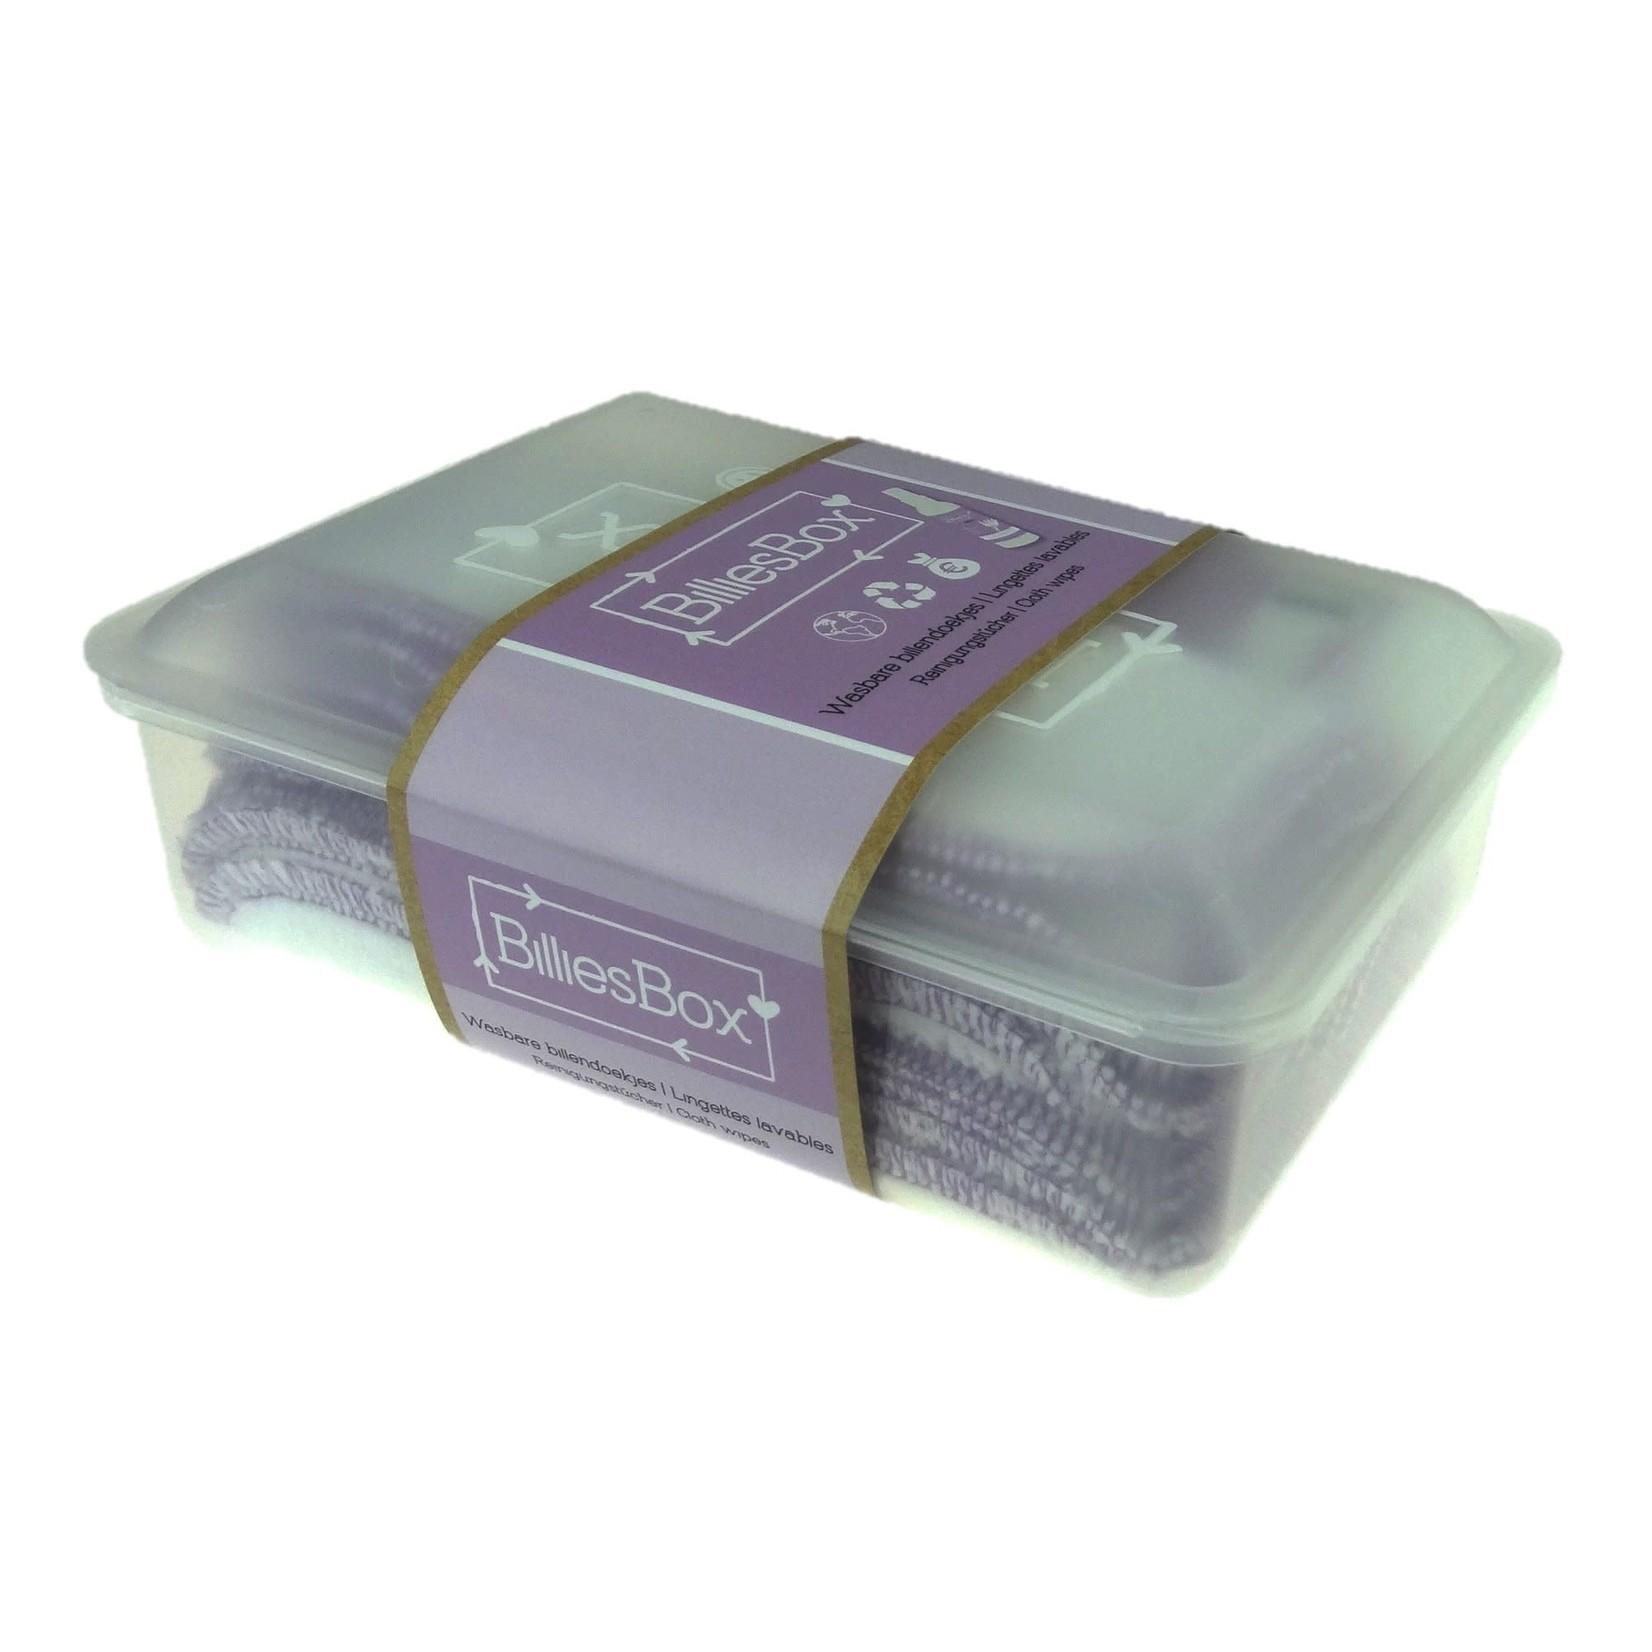 BilliesBox Wasbare doekjes met doos (Wit-Lavendel)